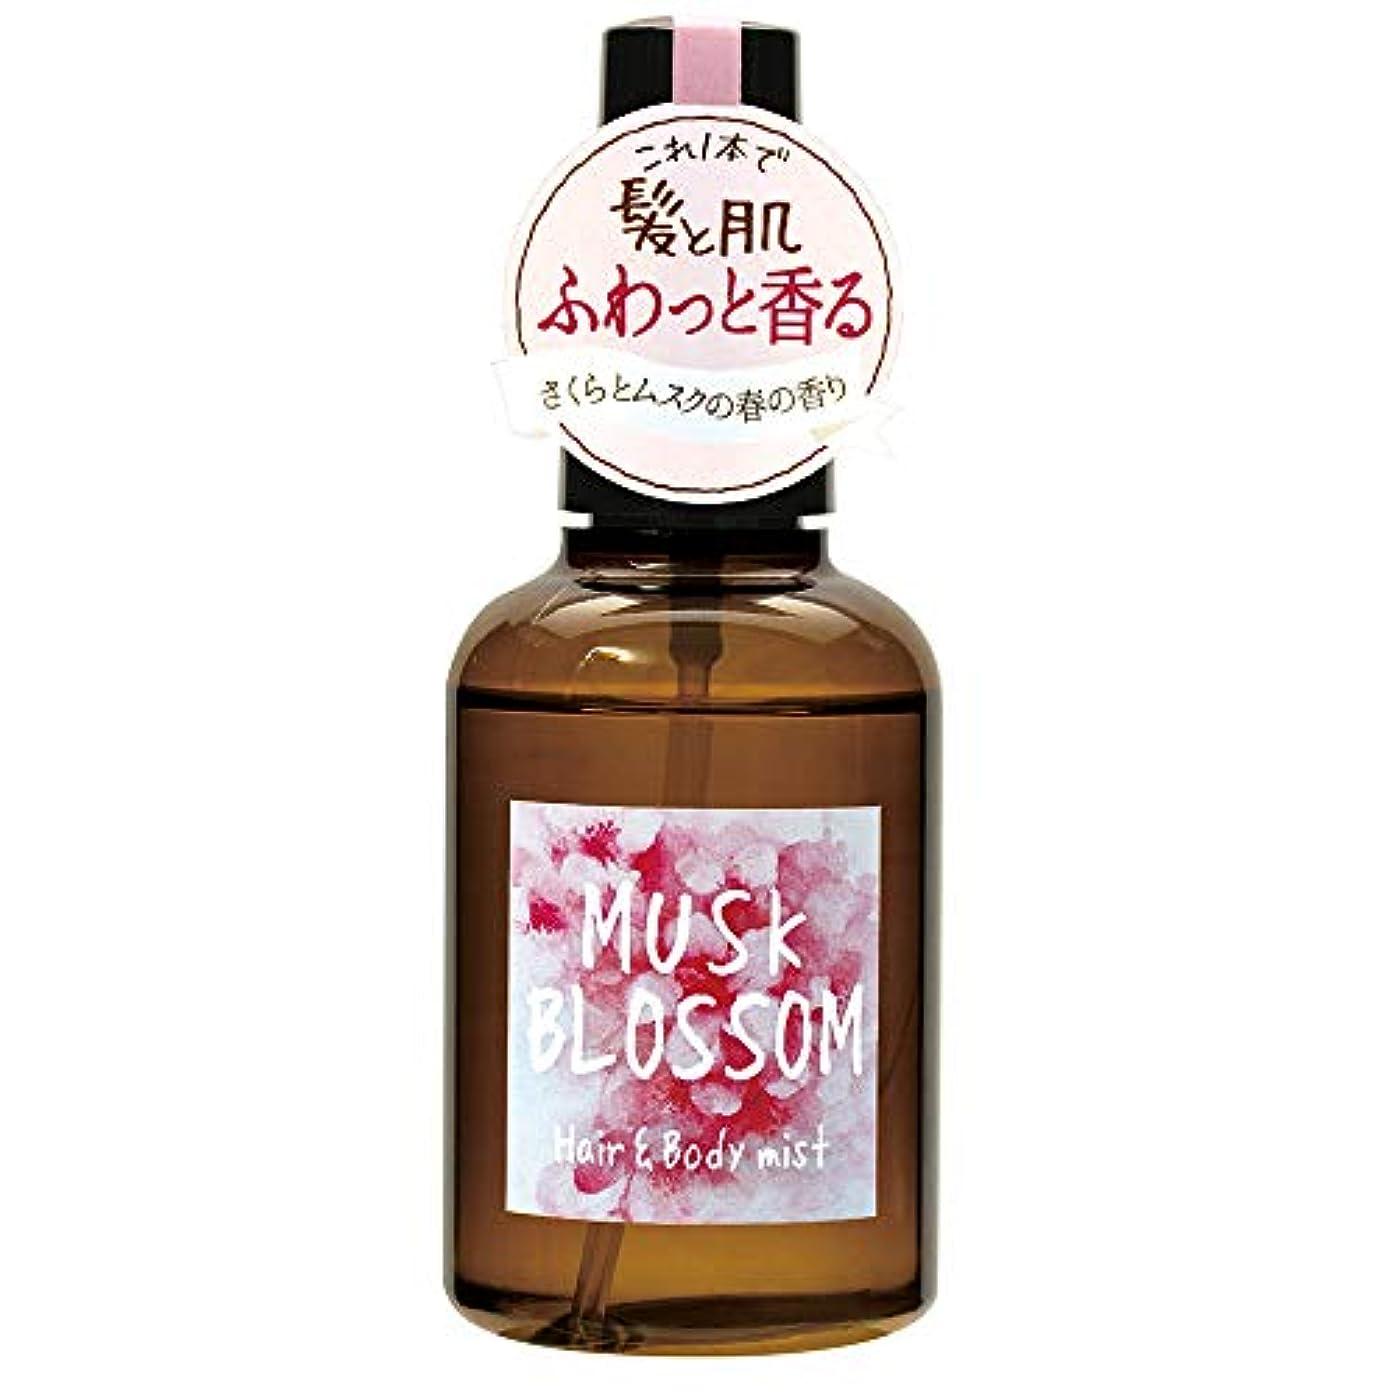 幸運な三十親愛なノルコーポレーション John's Blend ヘアボディミスト OA-JOS-9-1 ムスクブロッサムの香り 105ml